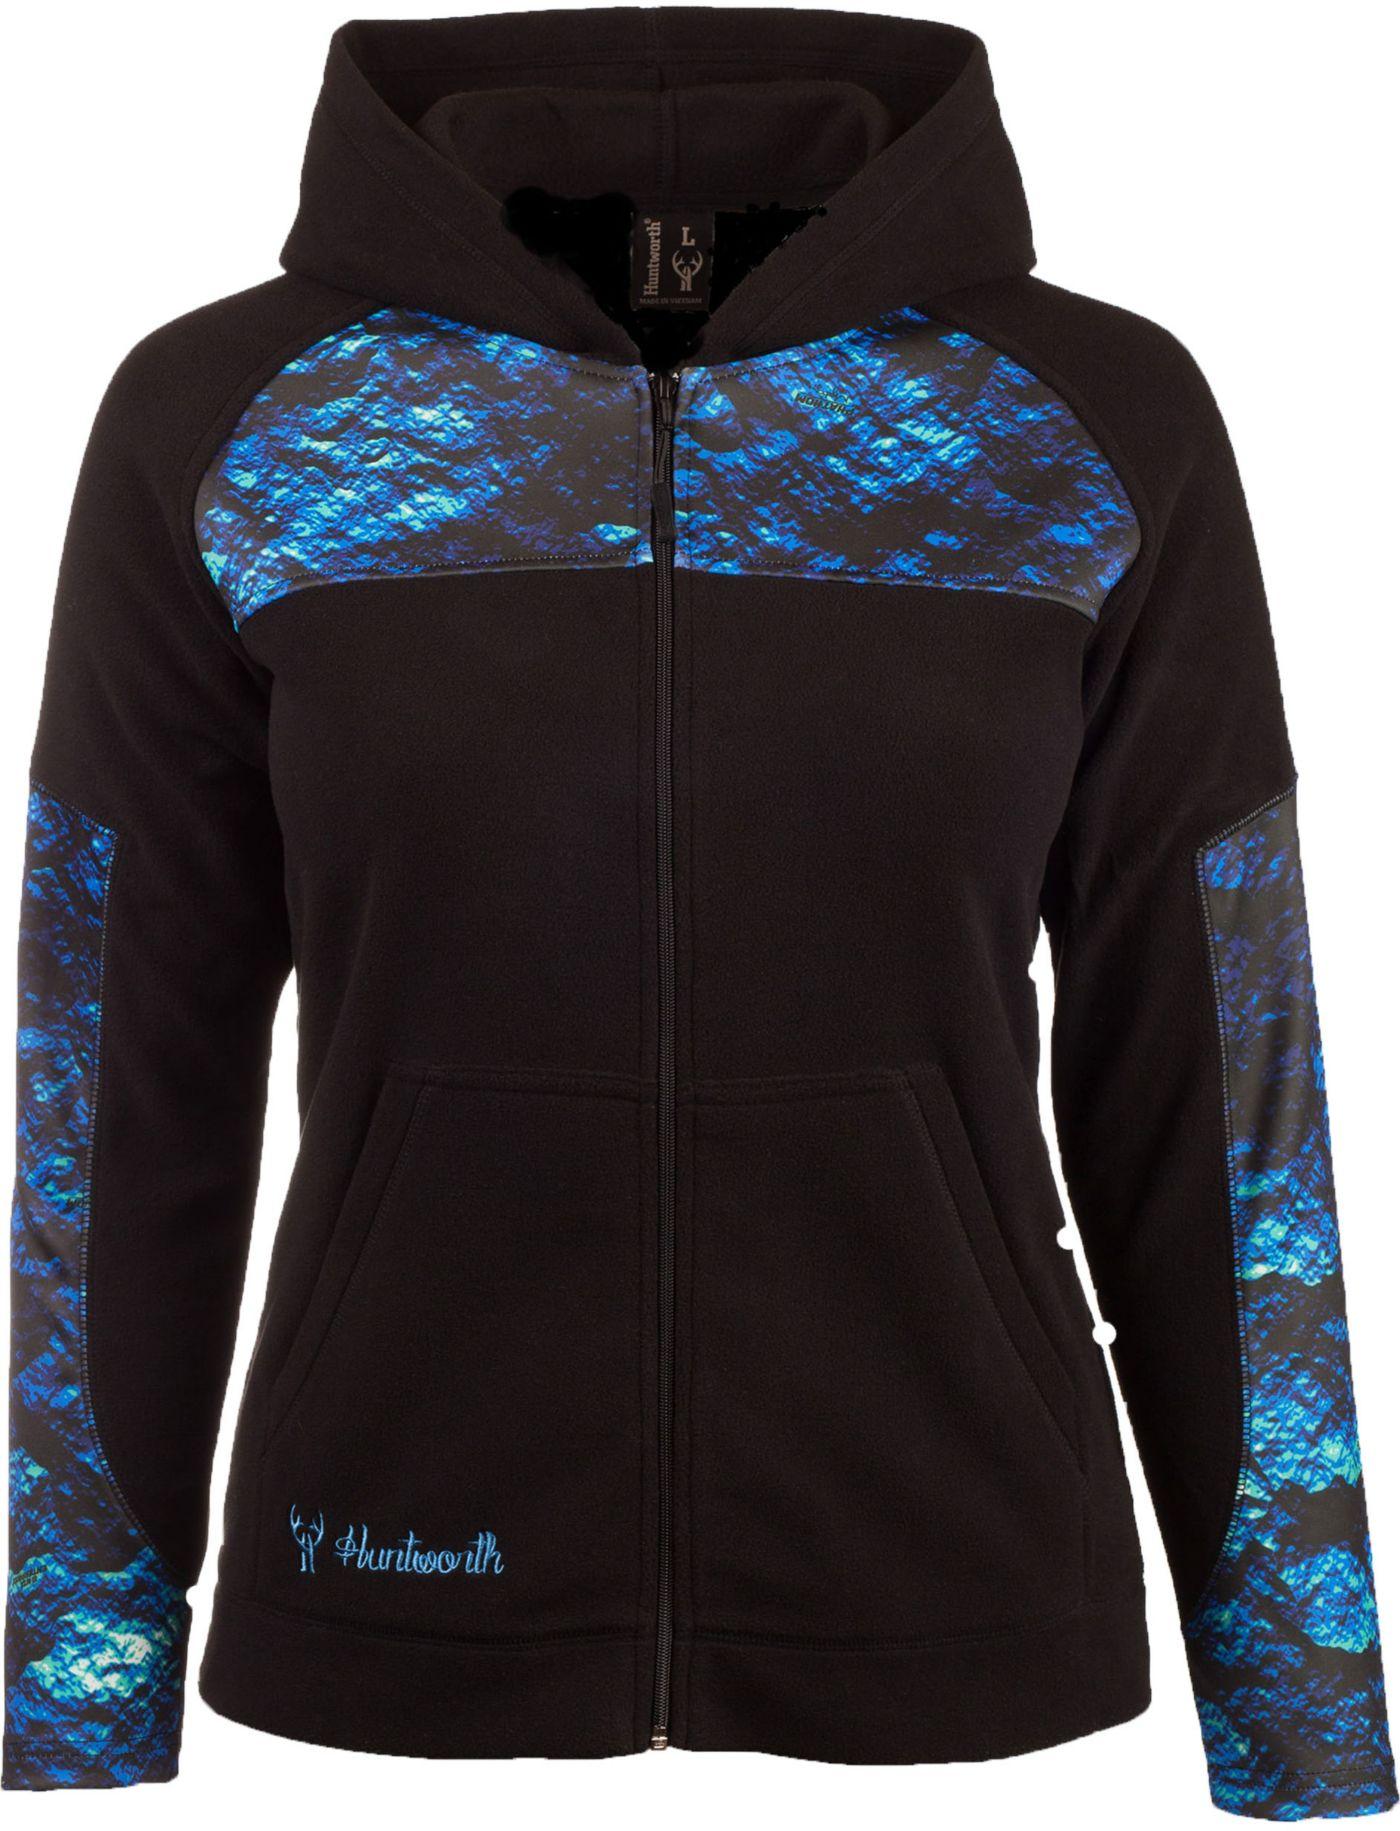 Huntworth Women's Hooded Fleece Jacket